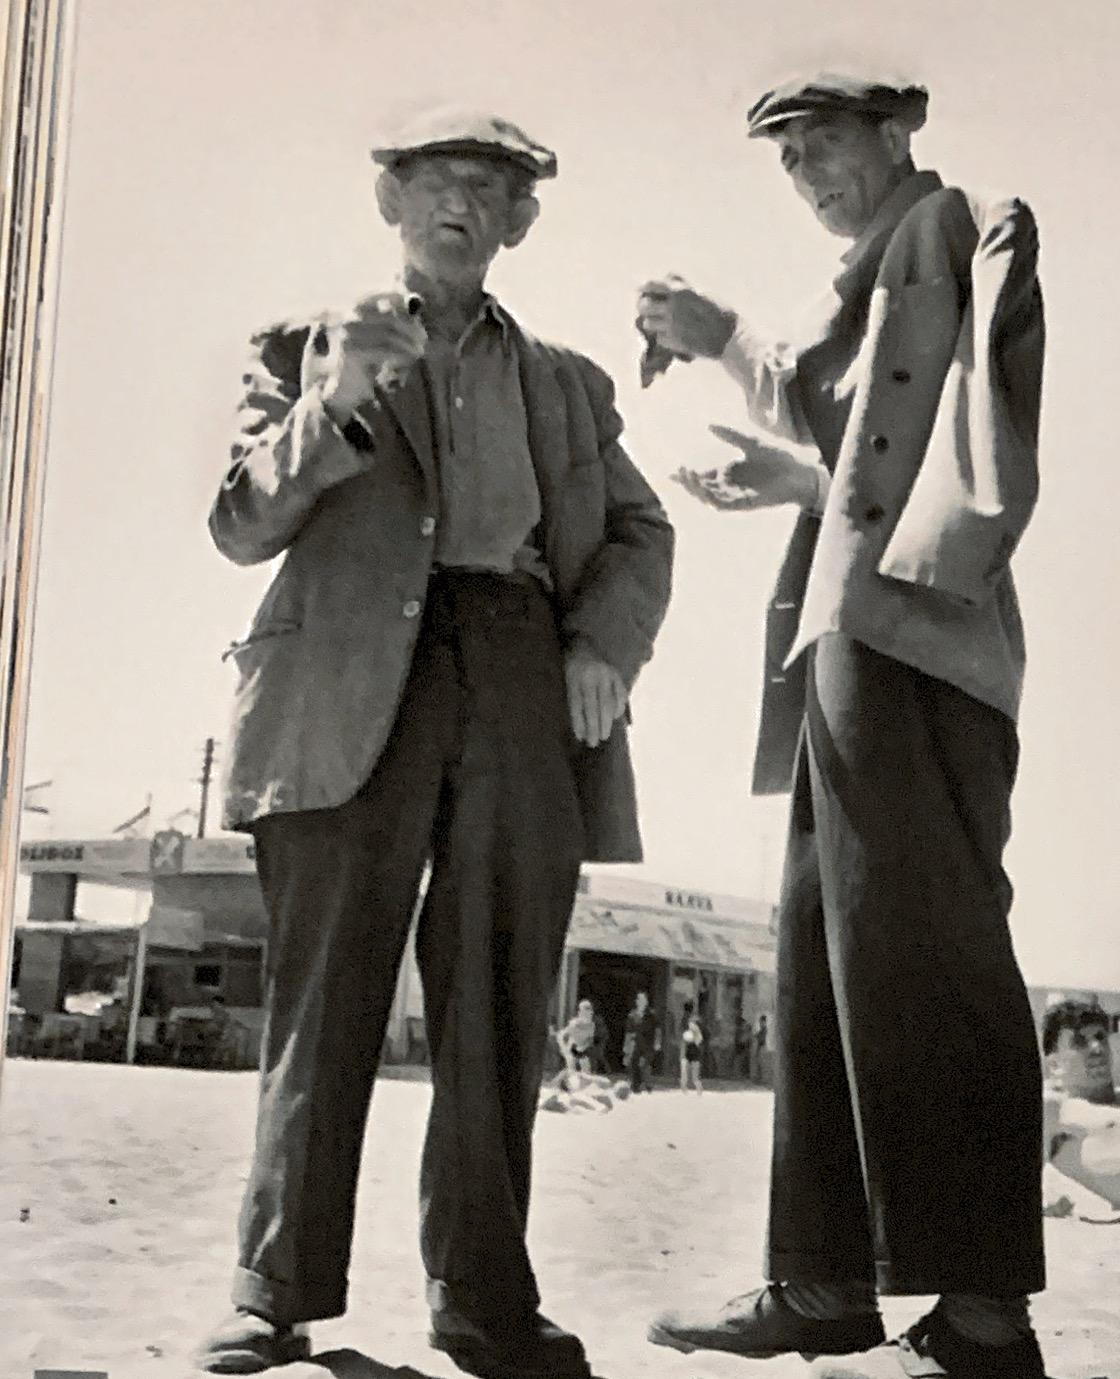 עולים חדשים במעברה נהריה 1955